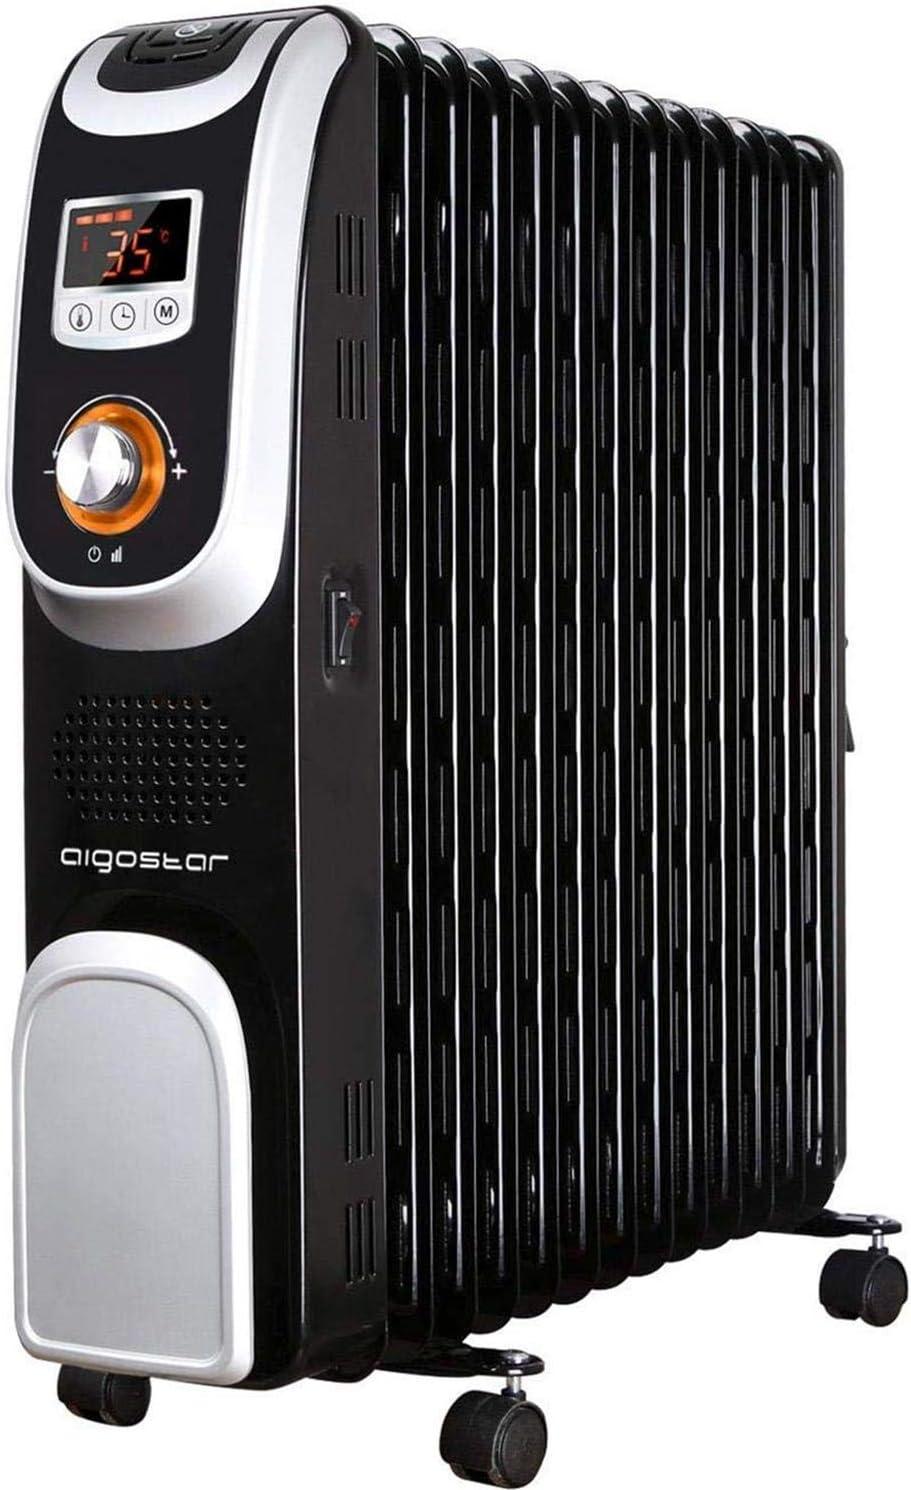 Aigostar Oil Monster 33JHH – Radiador de aceite portátil de 13 elementos, pantalla de control LED, mando a distancia, 2500 Watios de potencia. Diseño exclusivo.